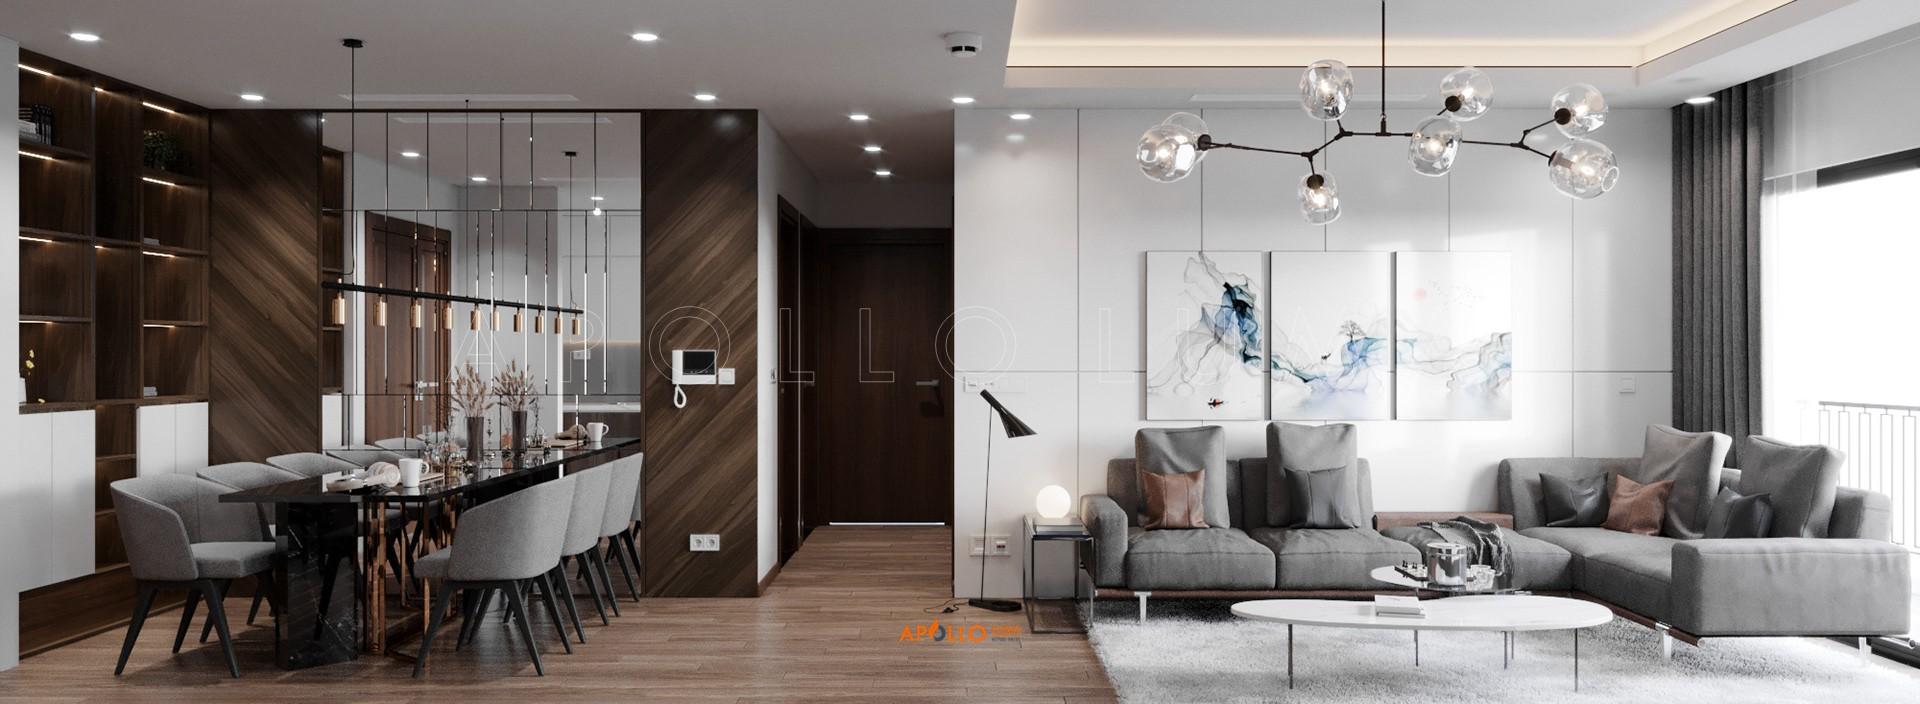 Thiết kế nội thất căn hộ 3 phòng ngủ (105m2) Hinode City 201 Minh Khai